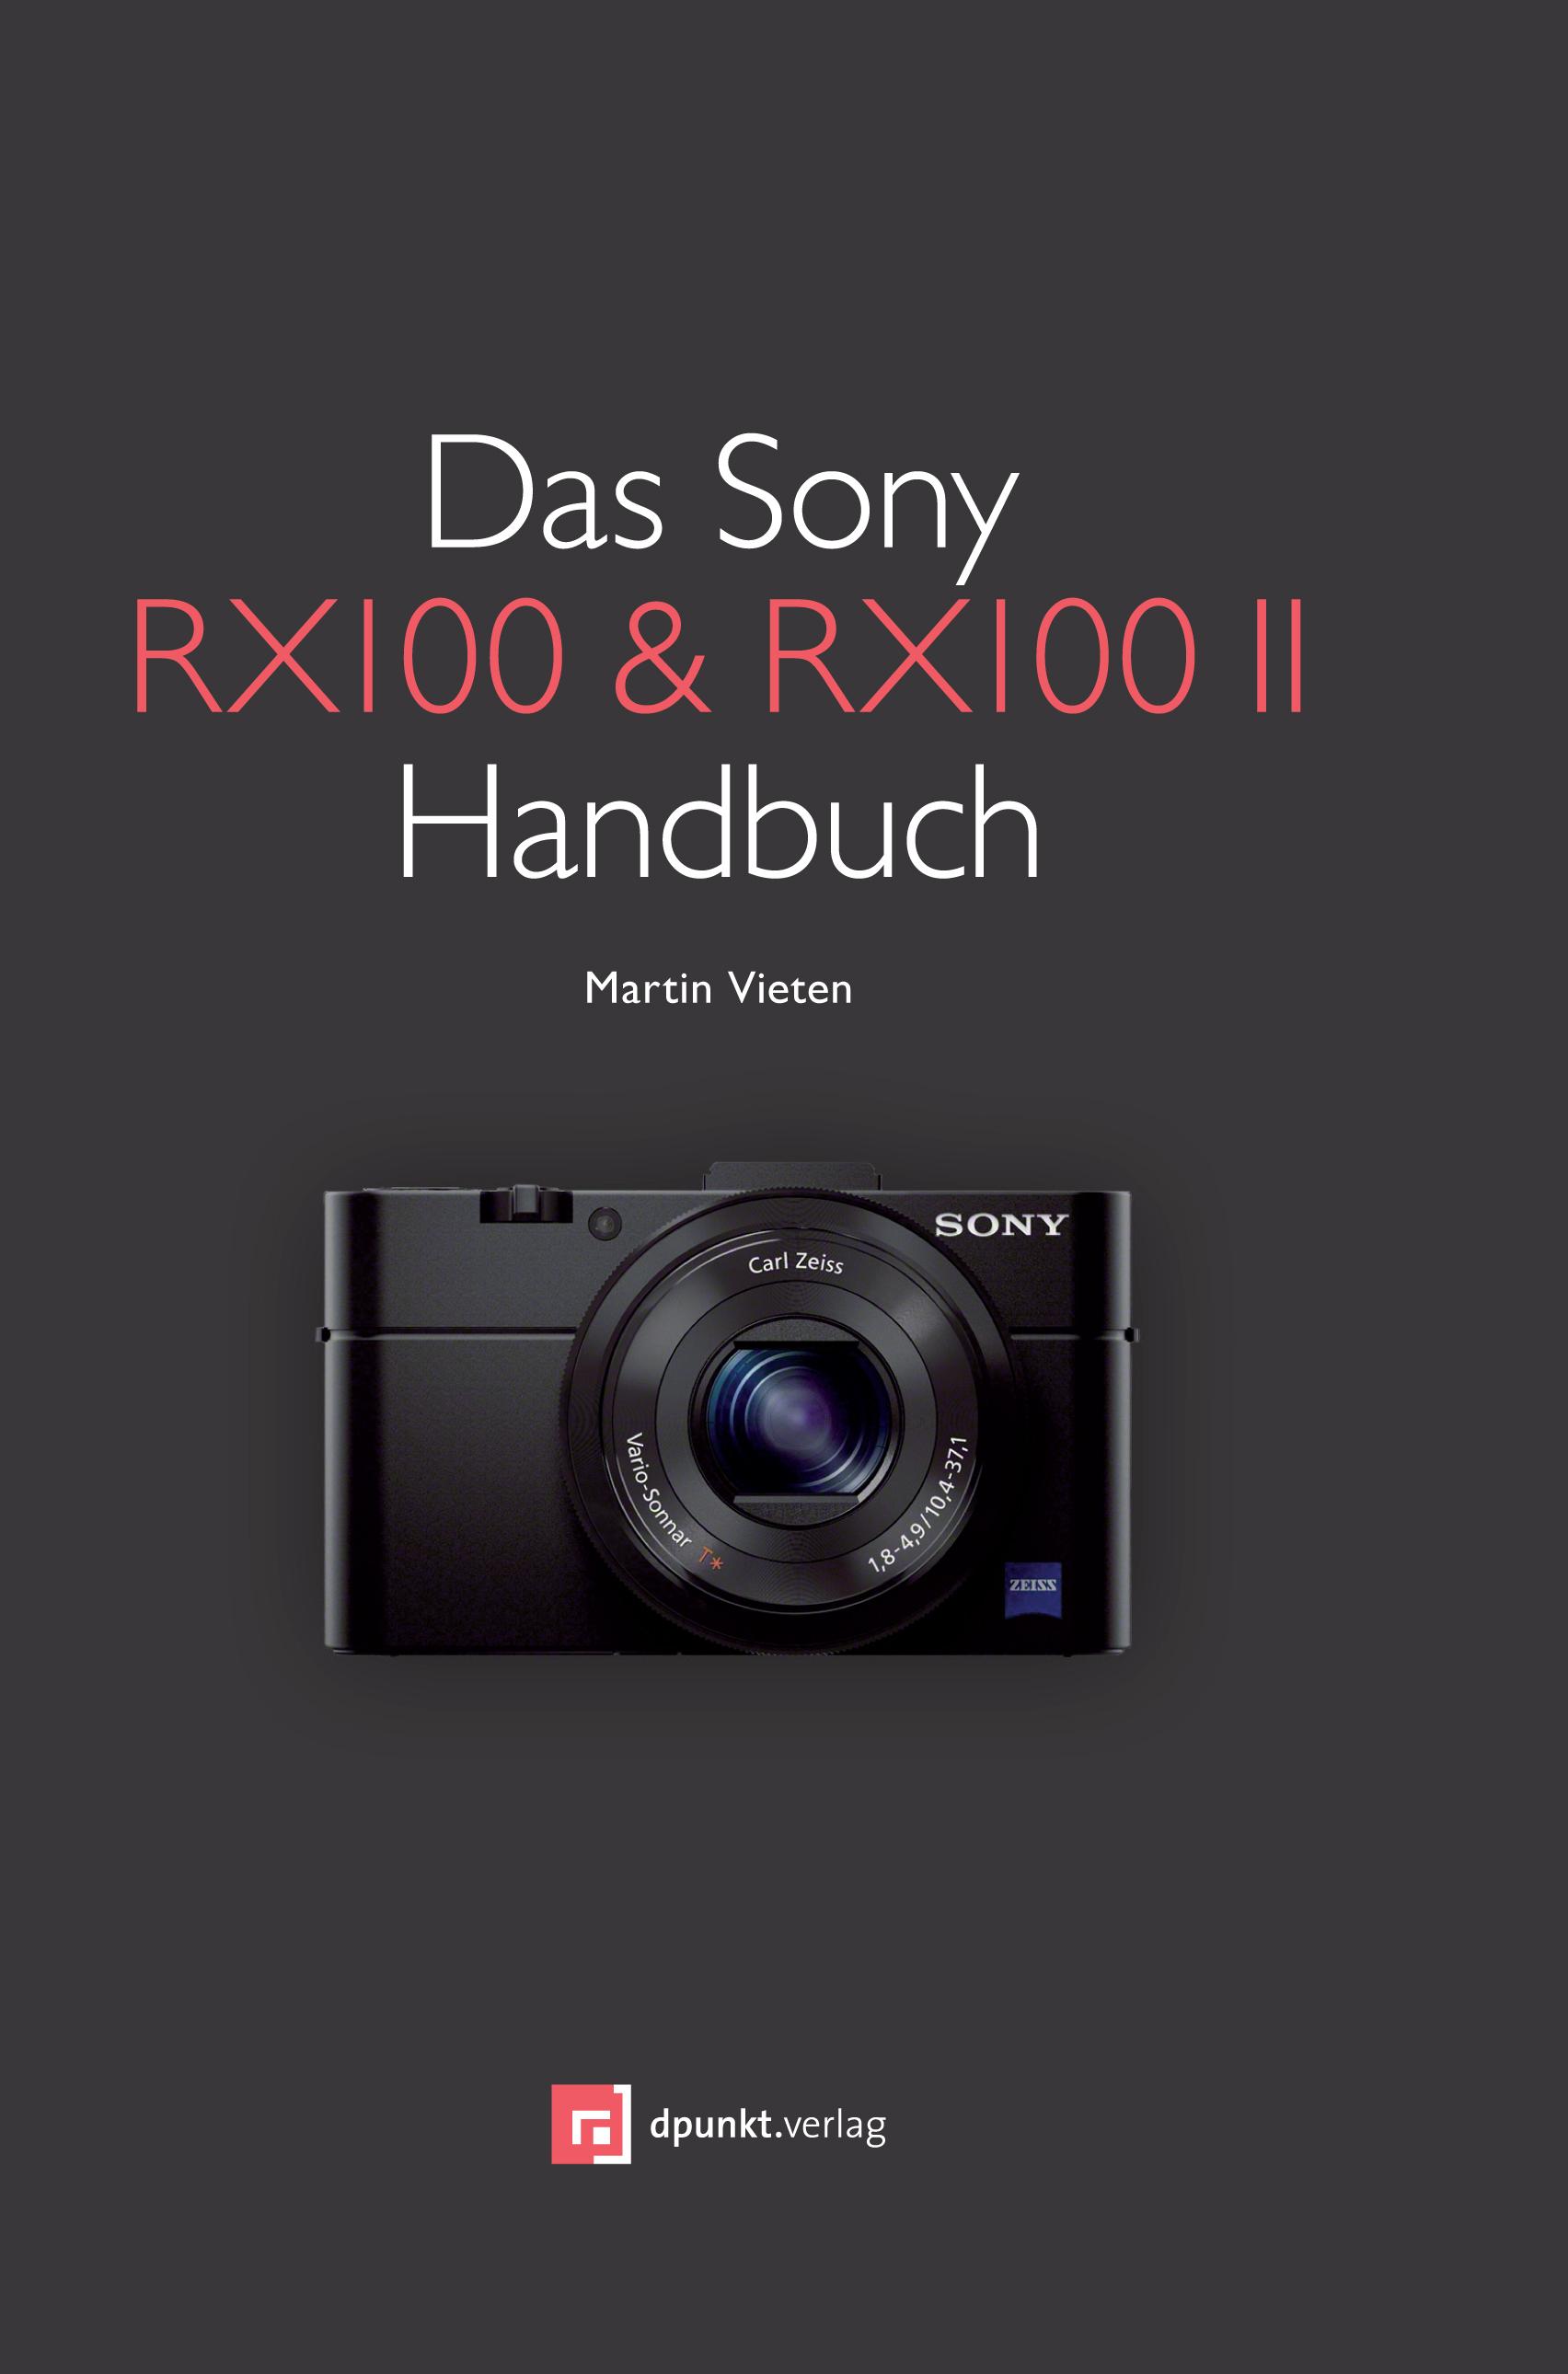 Das Sony RX100 & RX100 II Handbuch - Martin Vieten